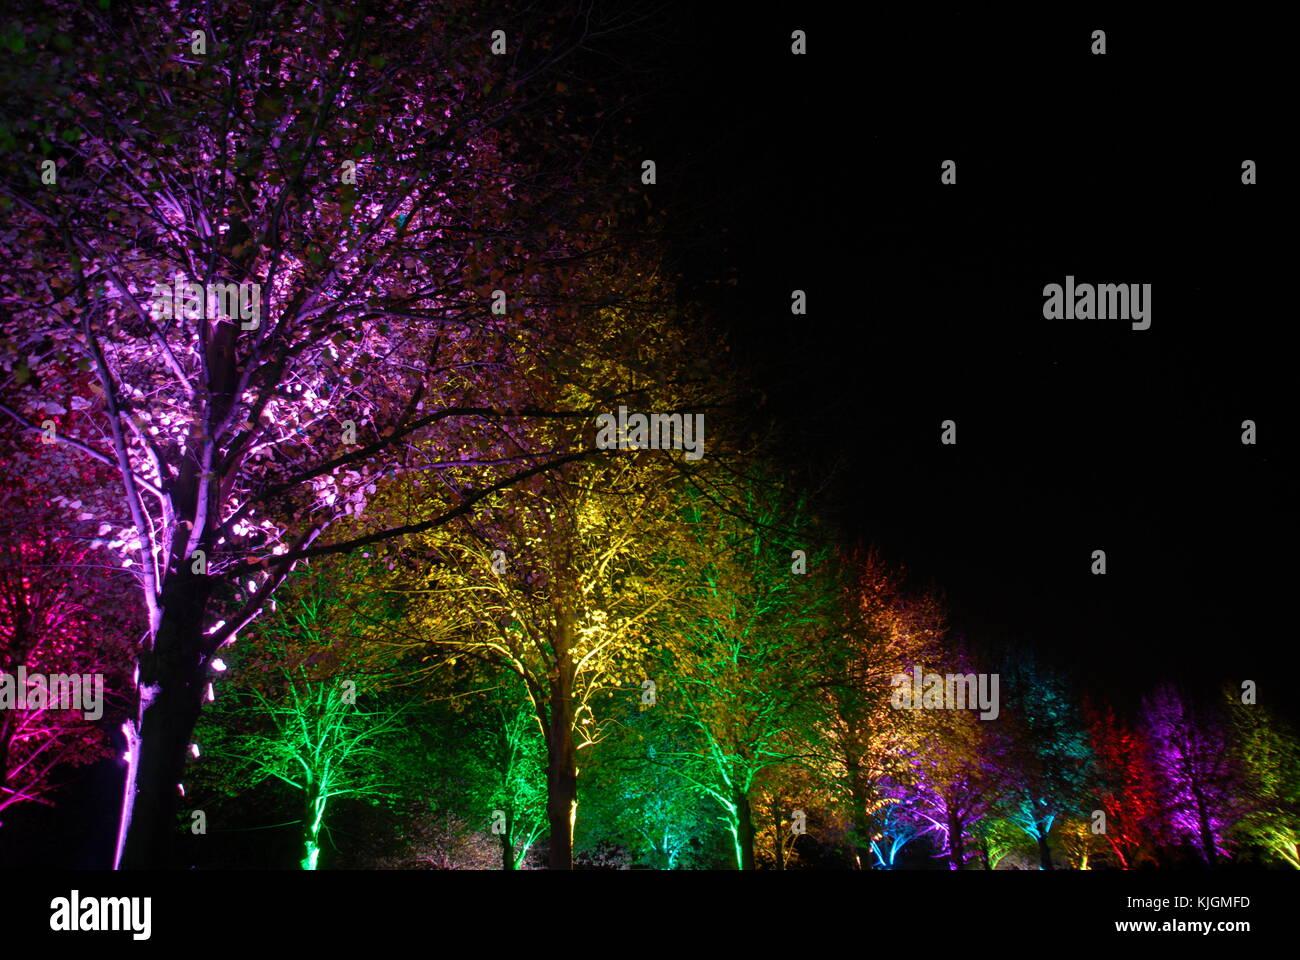 Magic colorati alberi illuminati di notte (viola,giallo,verde,rosso,turquise) Immagini Stock